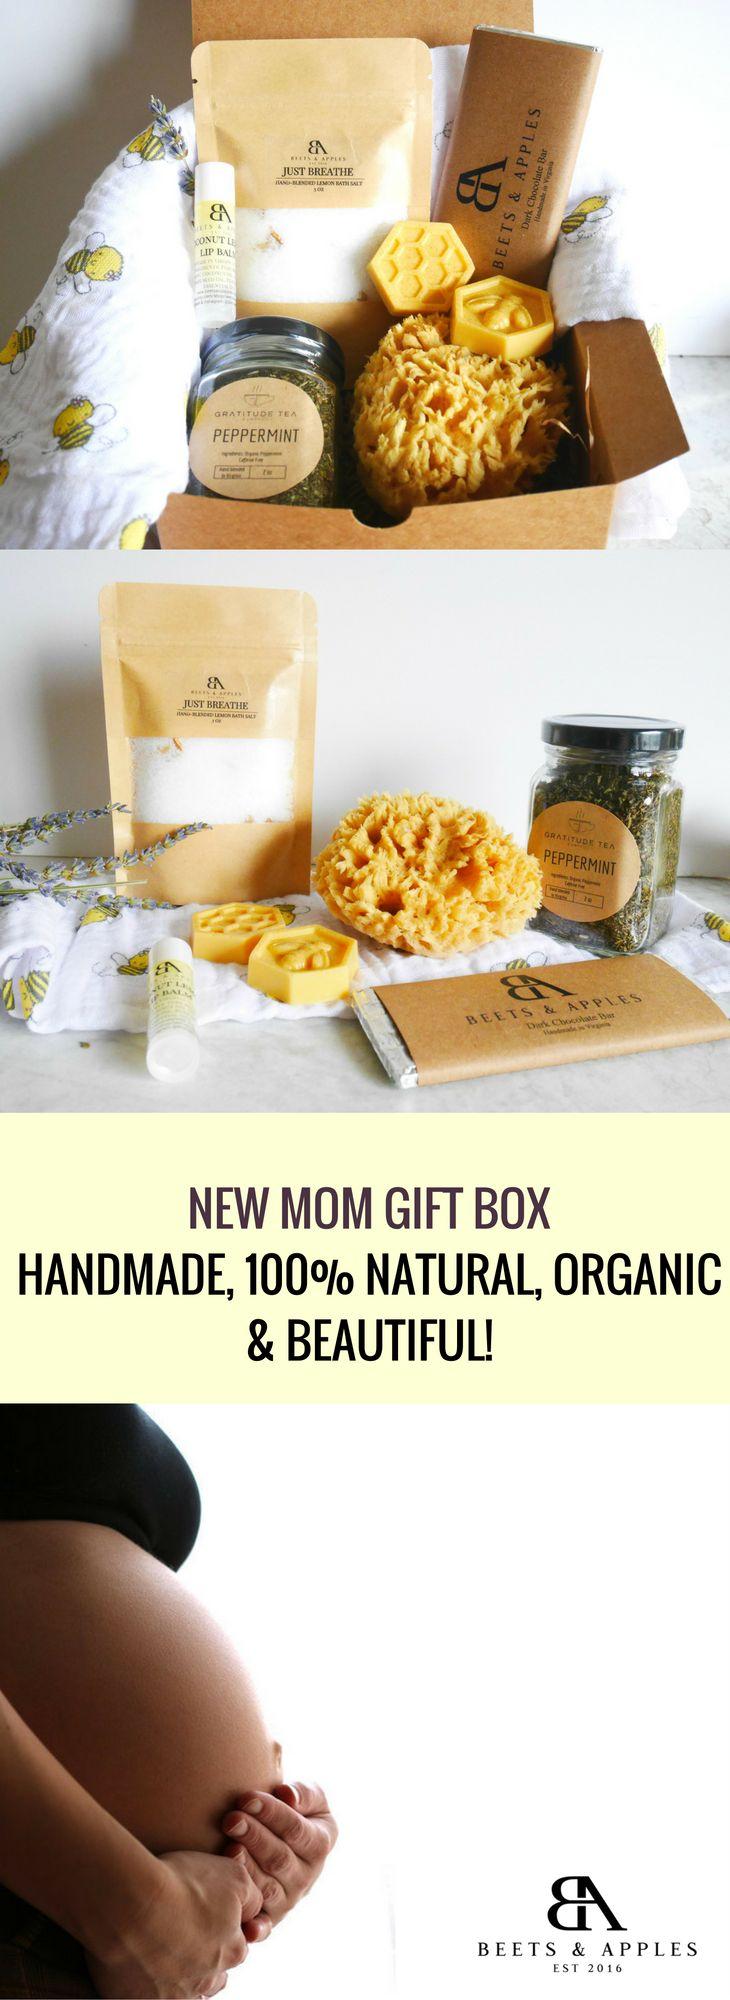 New mom gift basket new mother gift basket Gift for New Mom survival kit new mum gift New Baby Gift Basket New Mom Care Package mother gift